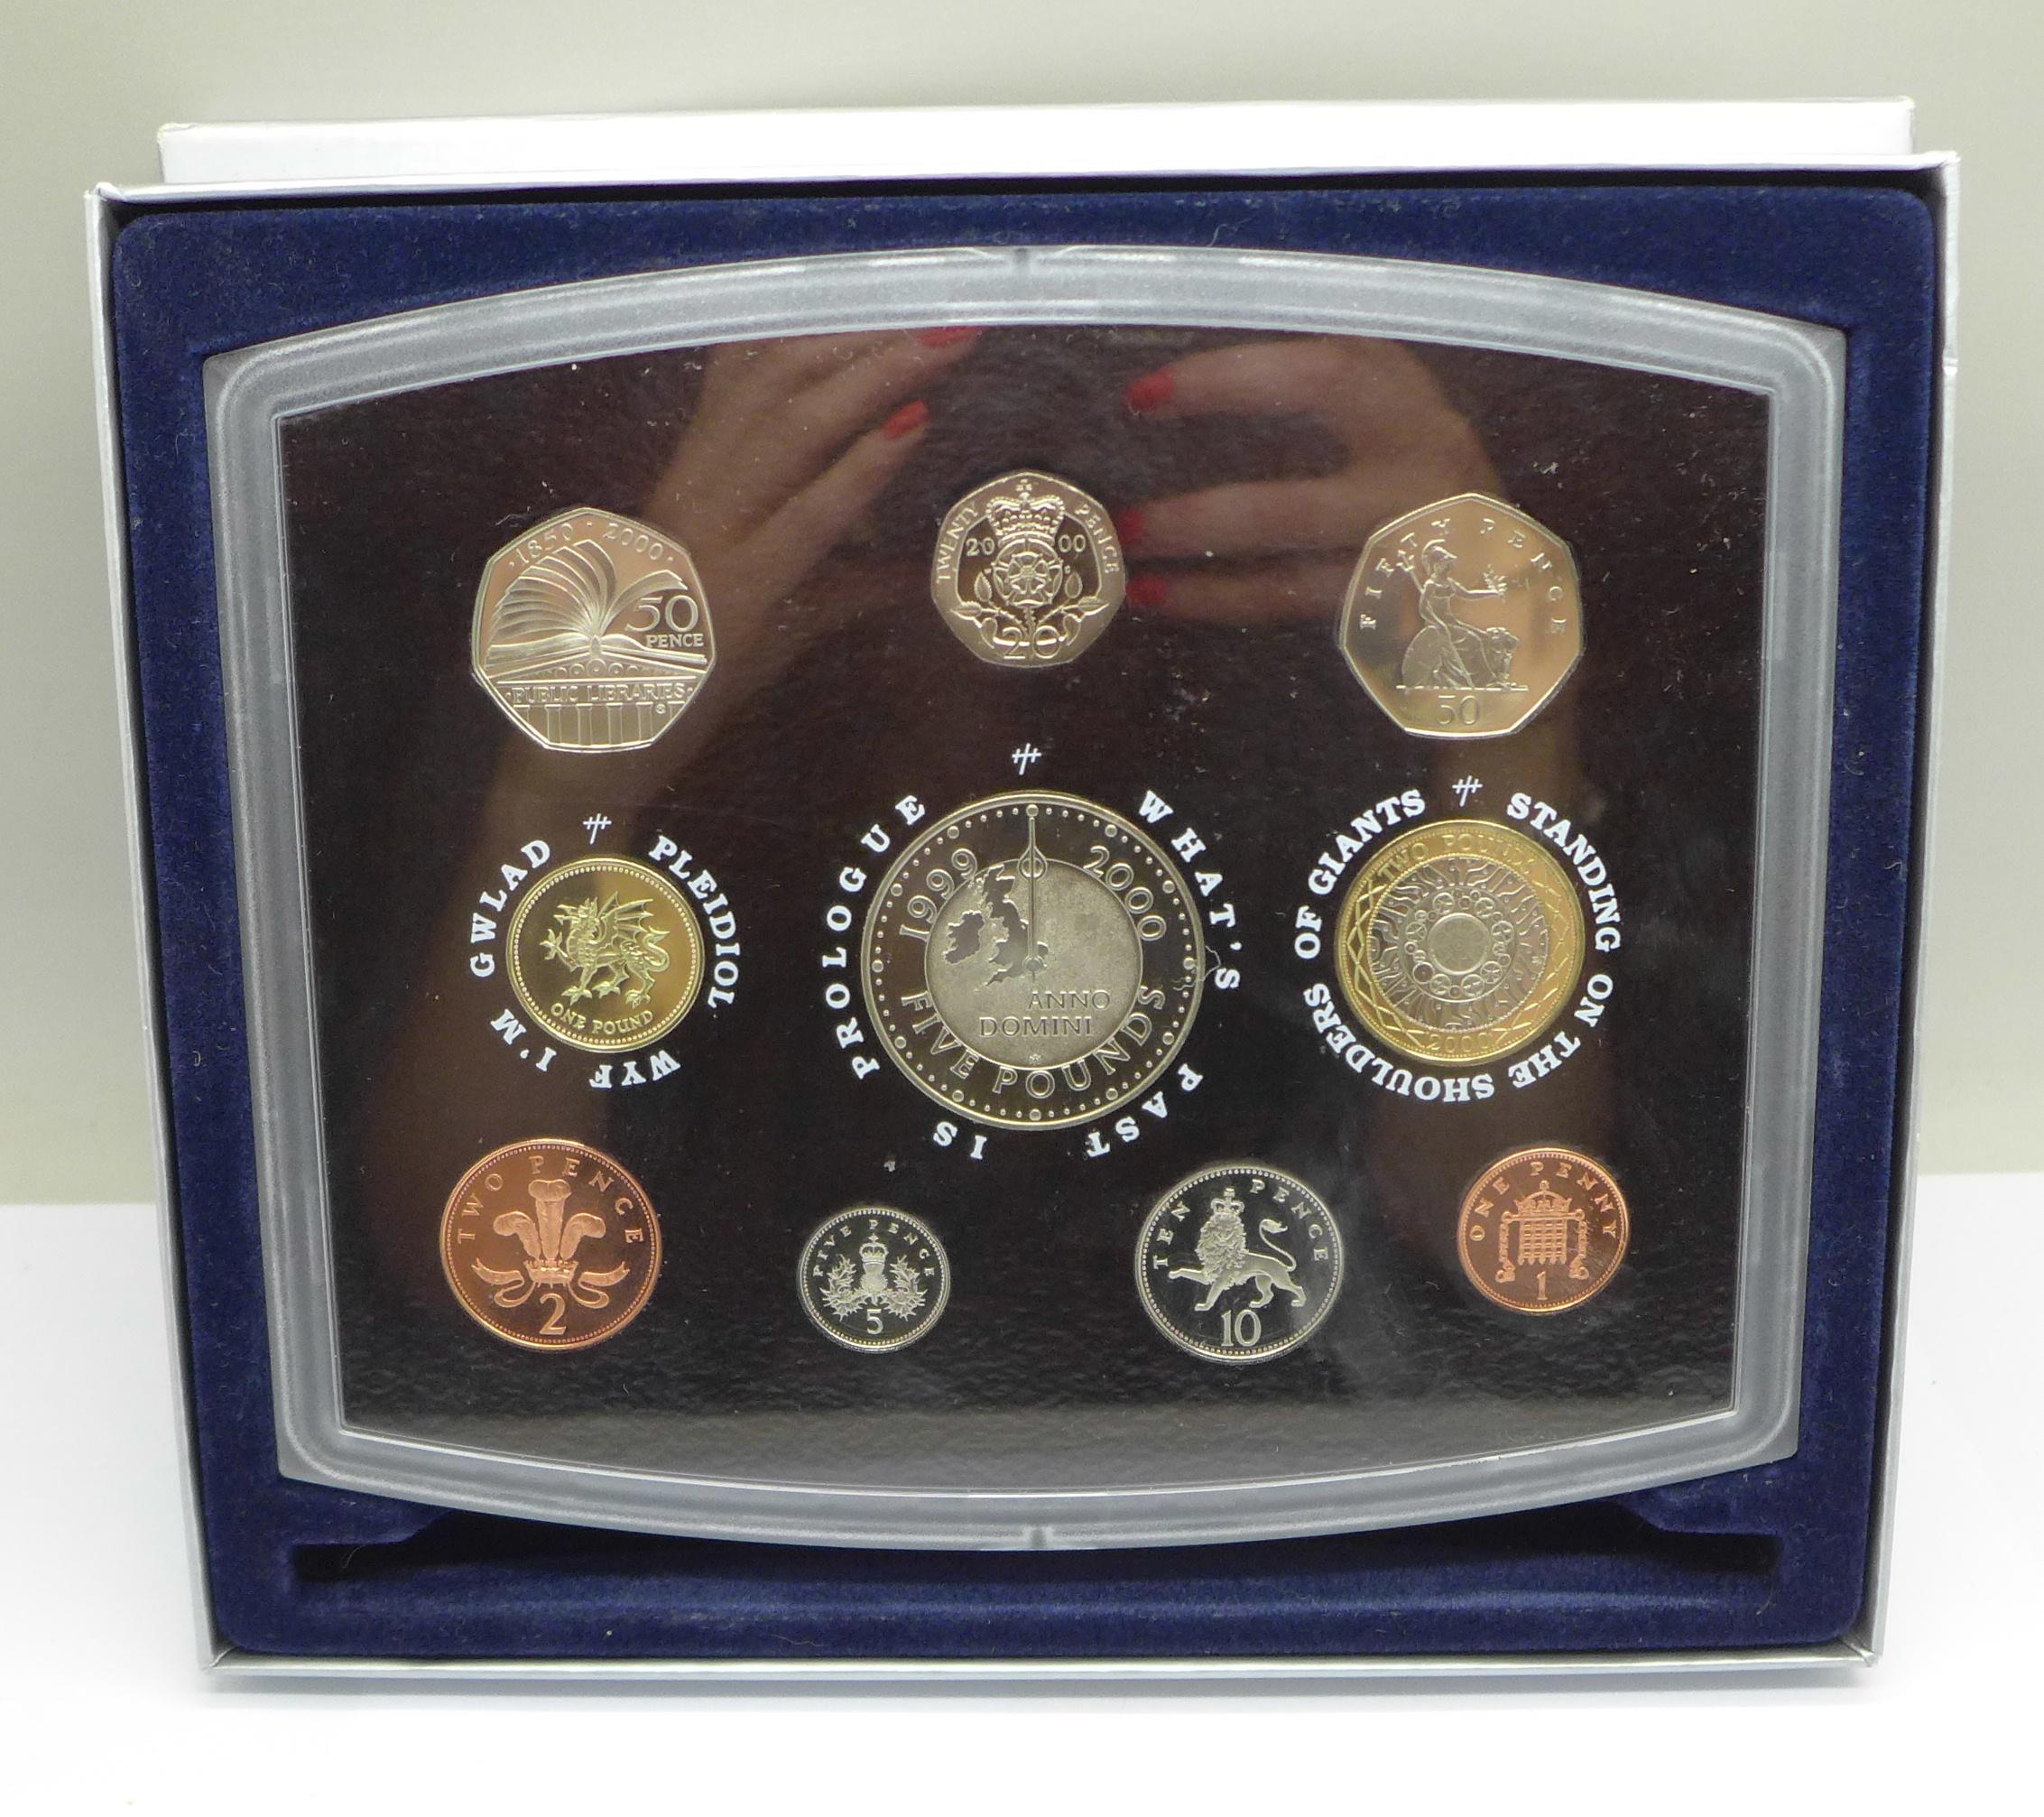 A Royal Mint Millennium proof coin set, 2000, boxed